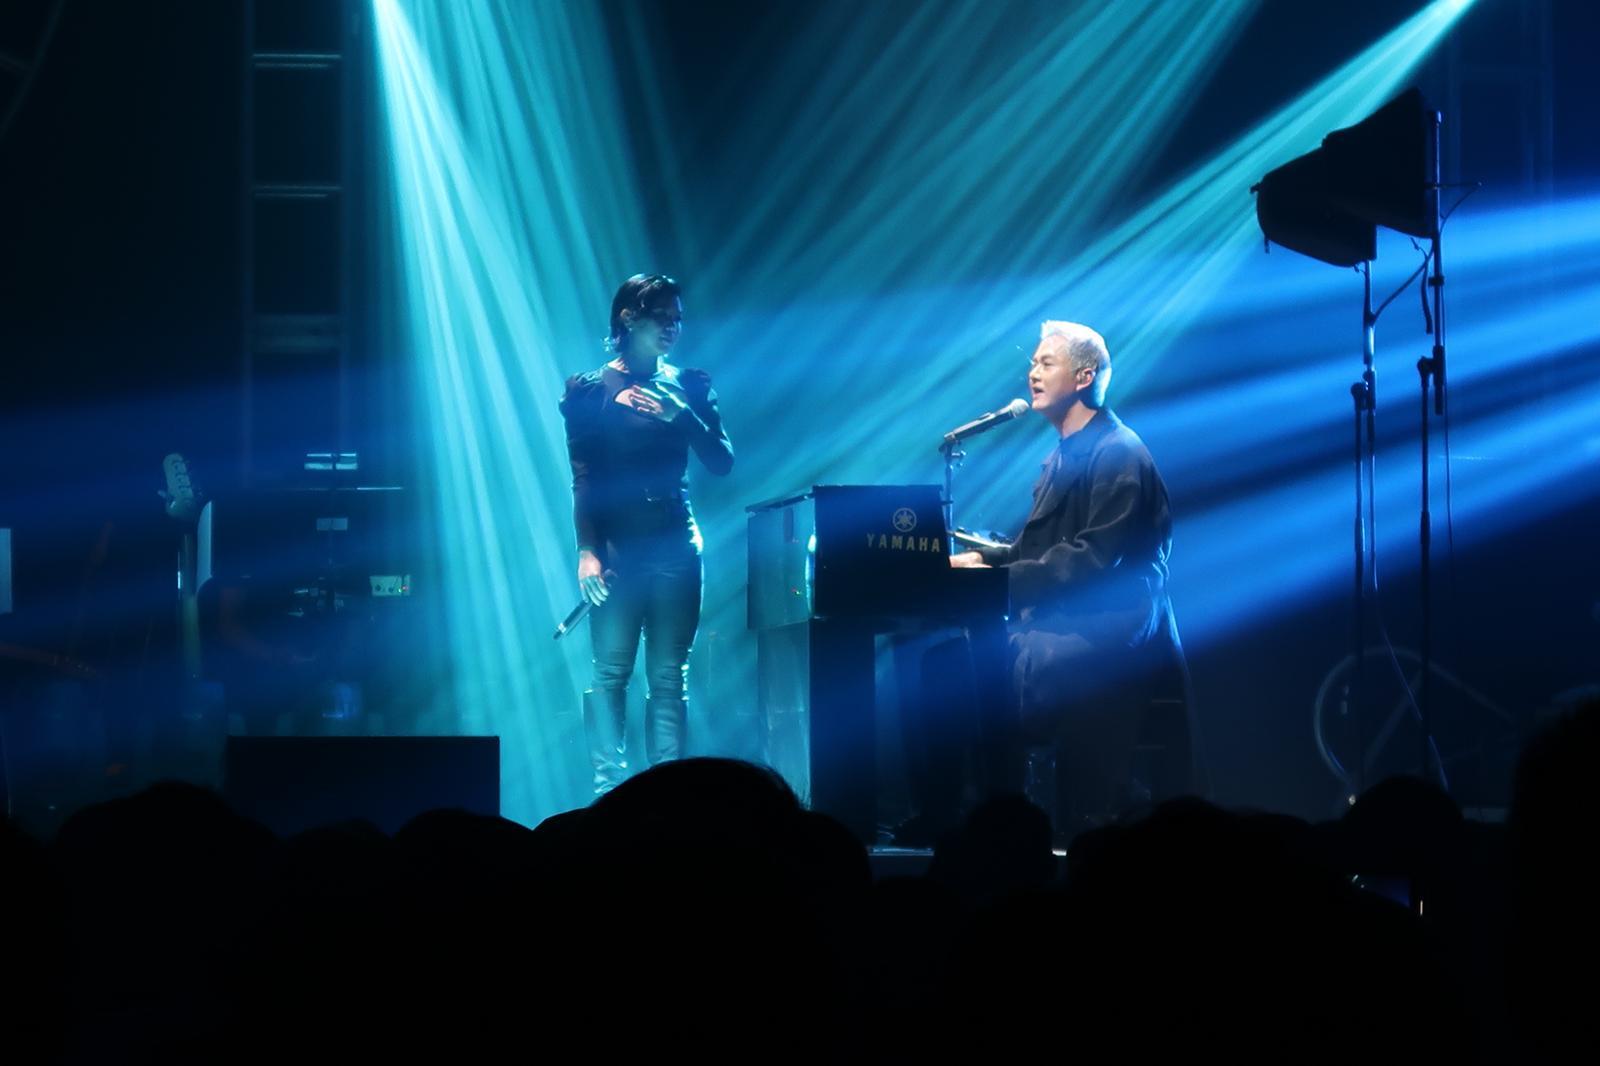 藍奕邦創作新曲《強弱》時明白到人有軟弱的時候,感謝鄧小巧迎接其痊癒及讓他回到舞台與幕前。